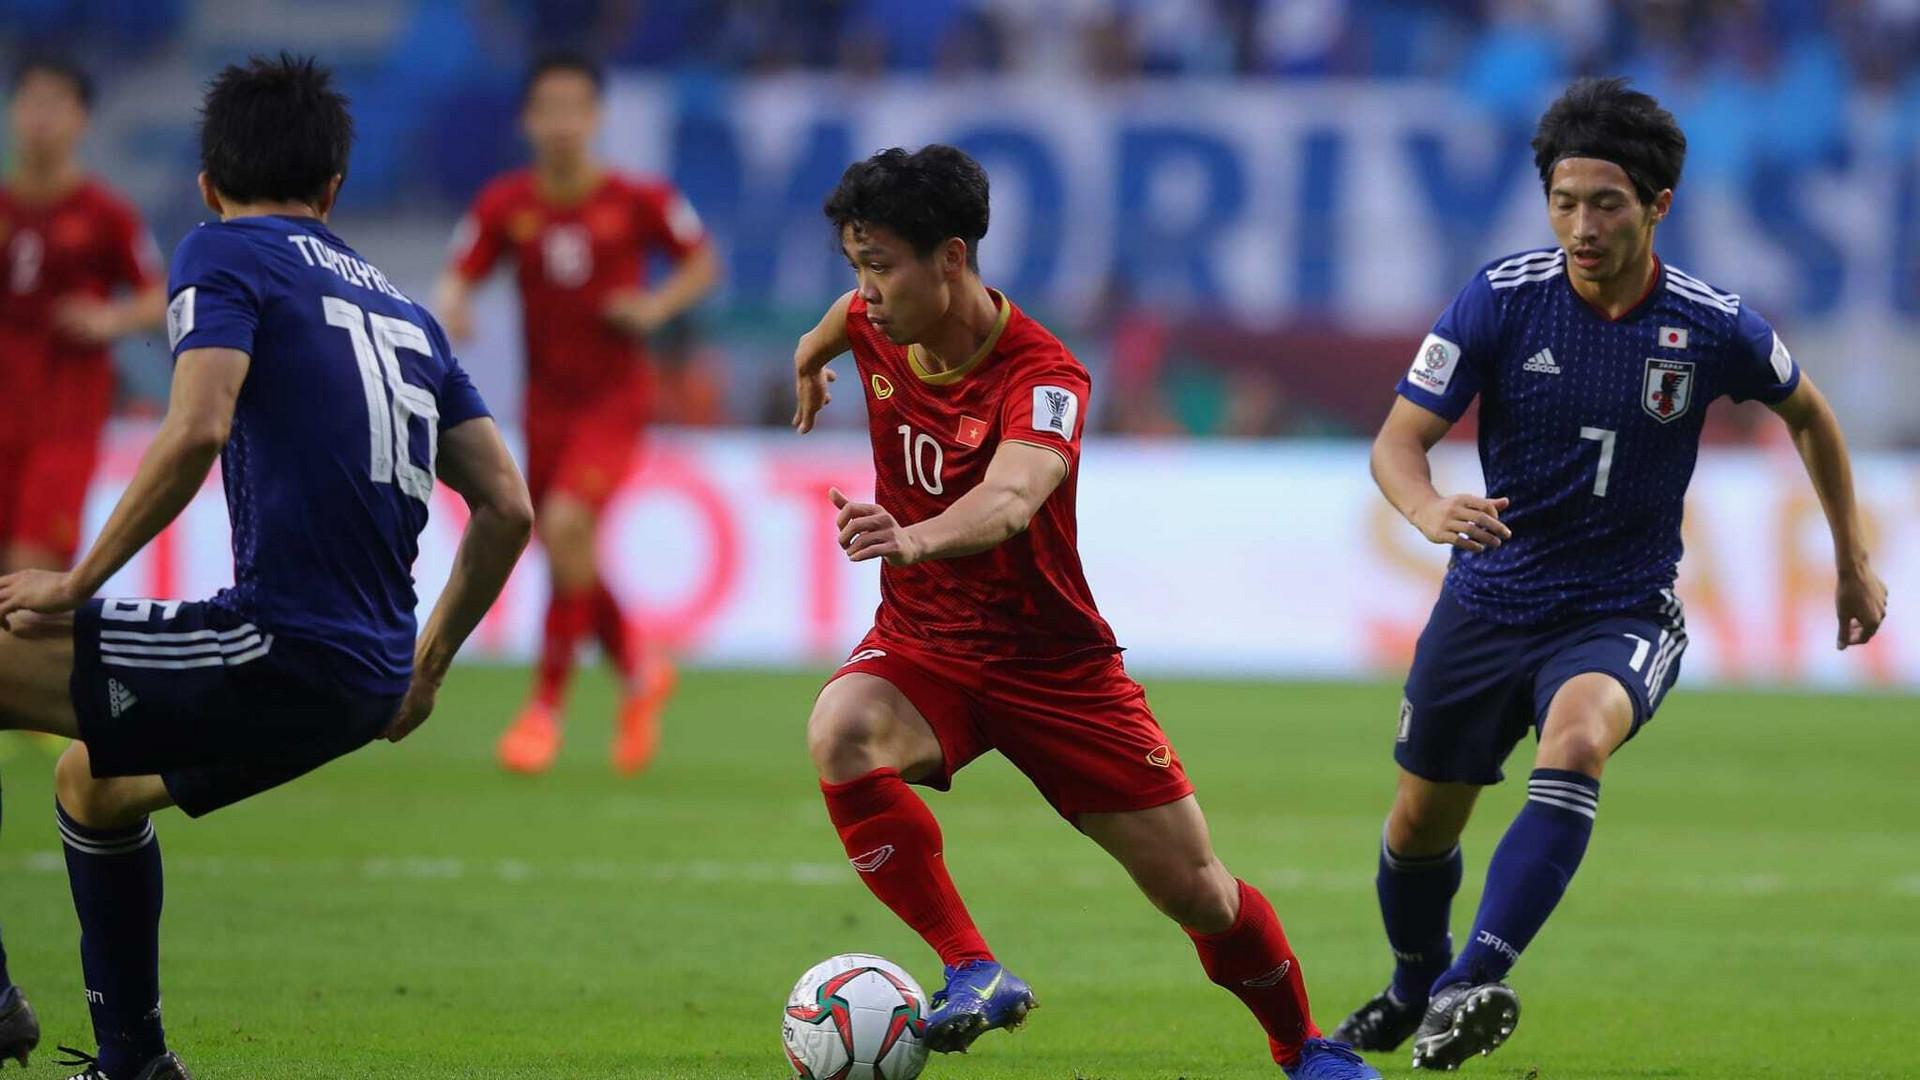 Vòng loại World Cup 2022: Tuyển Việt Nam đủ sức thắng Trung Quốc - 2